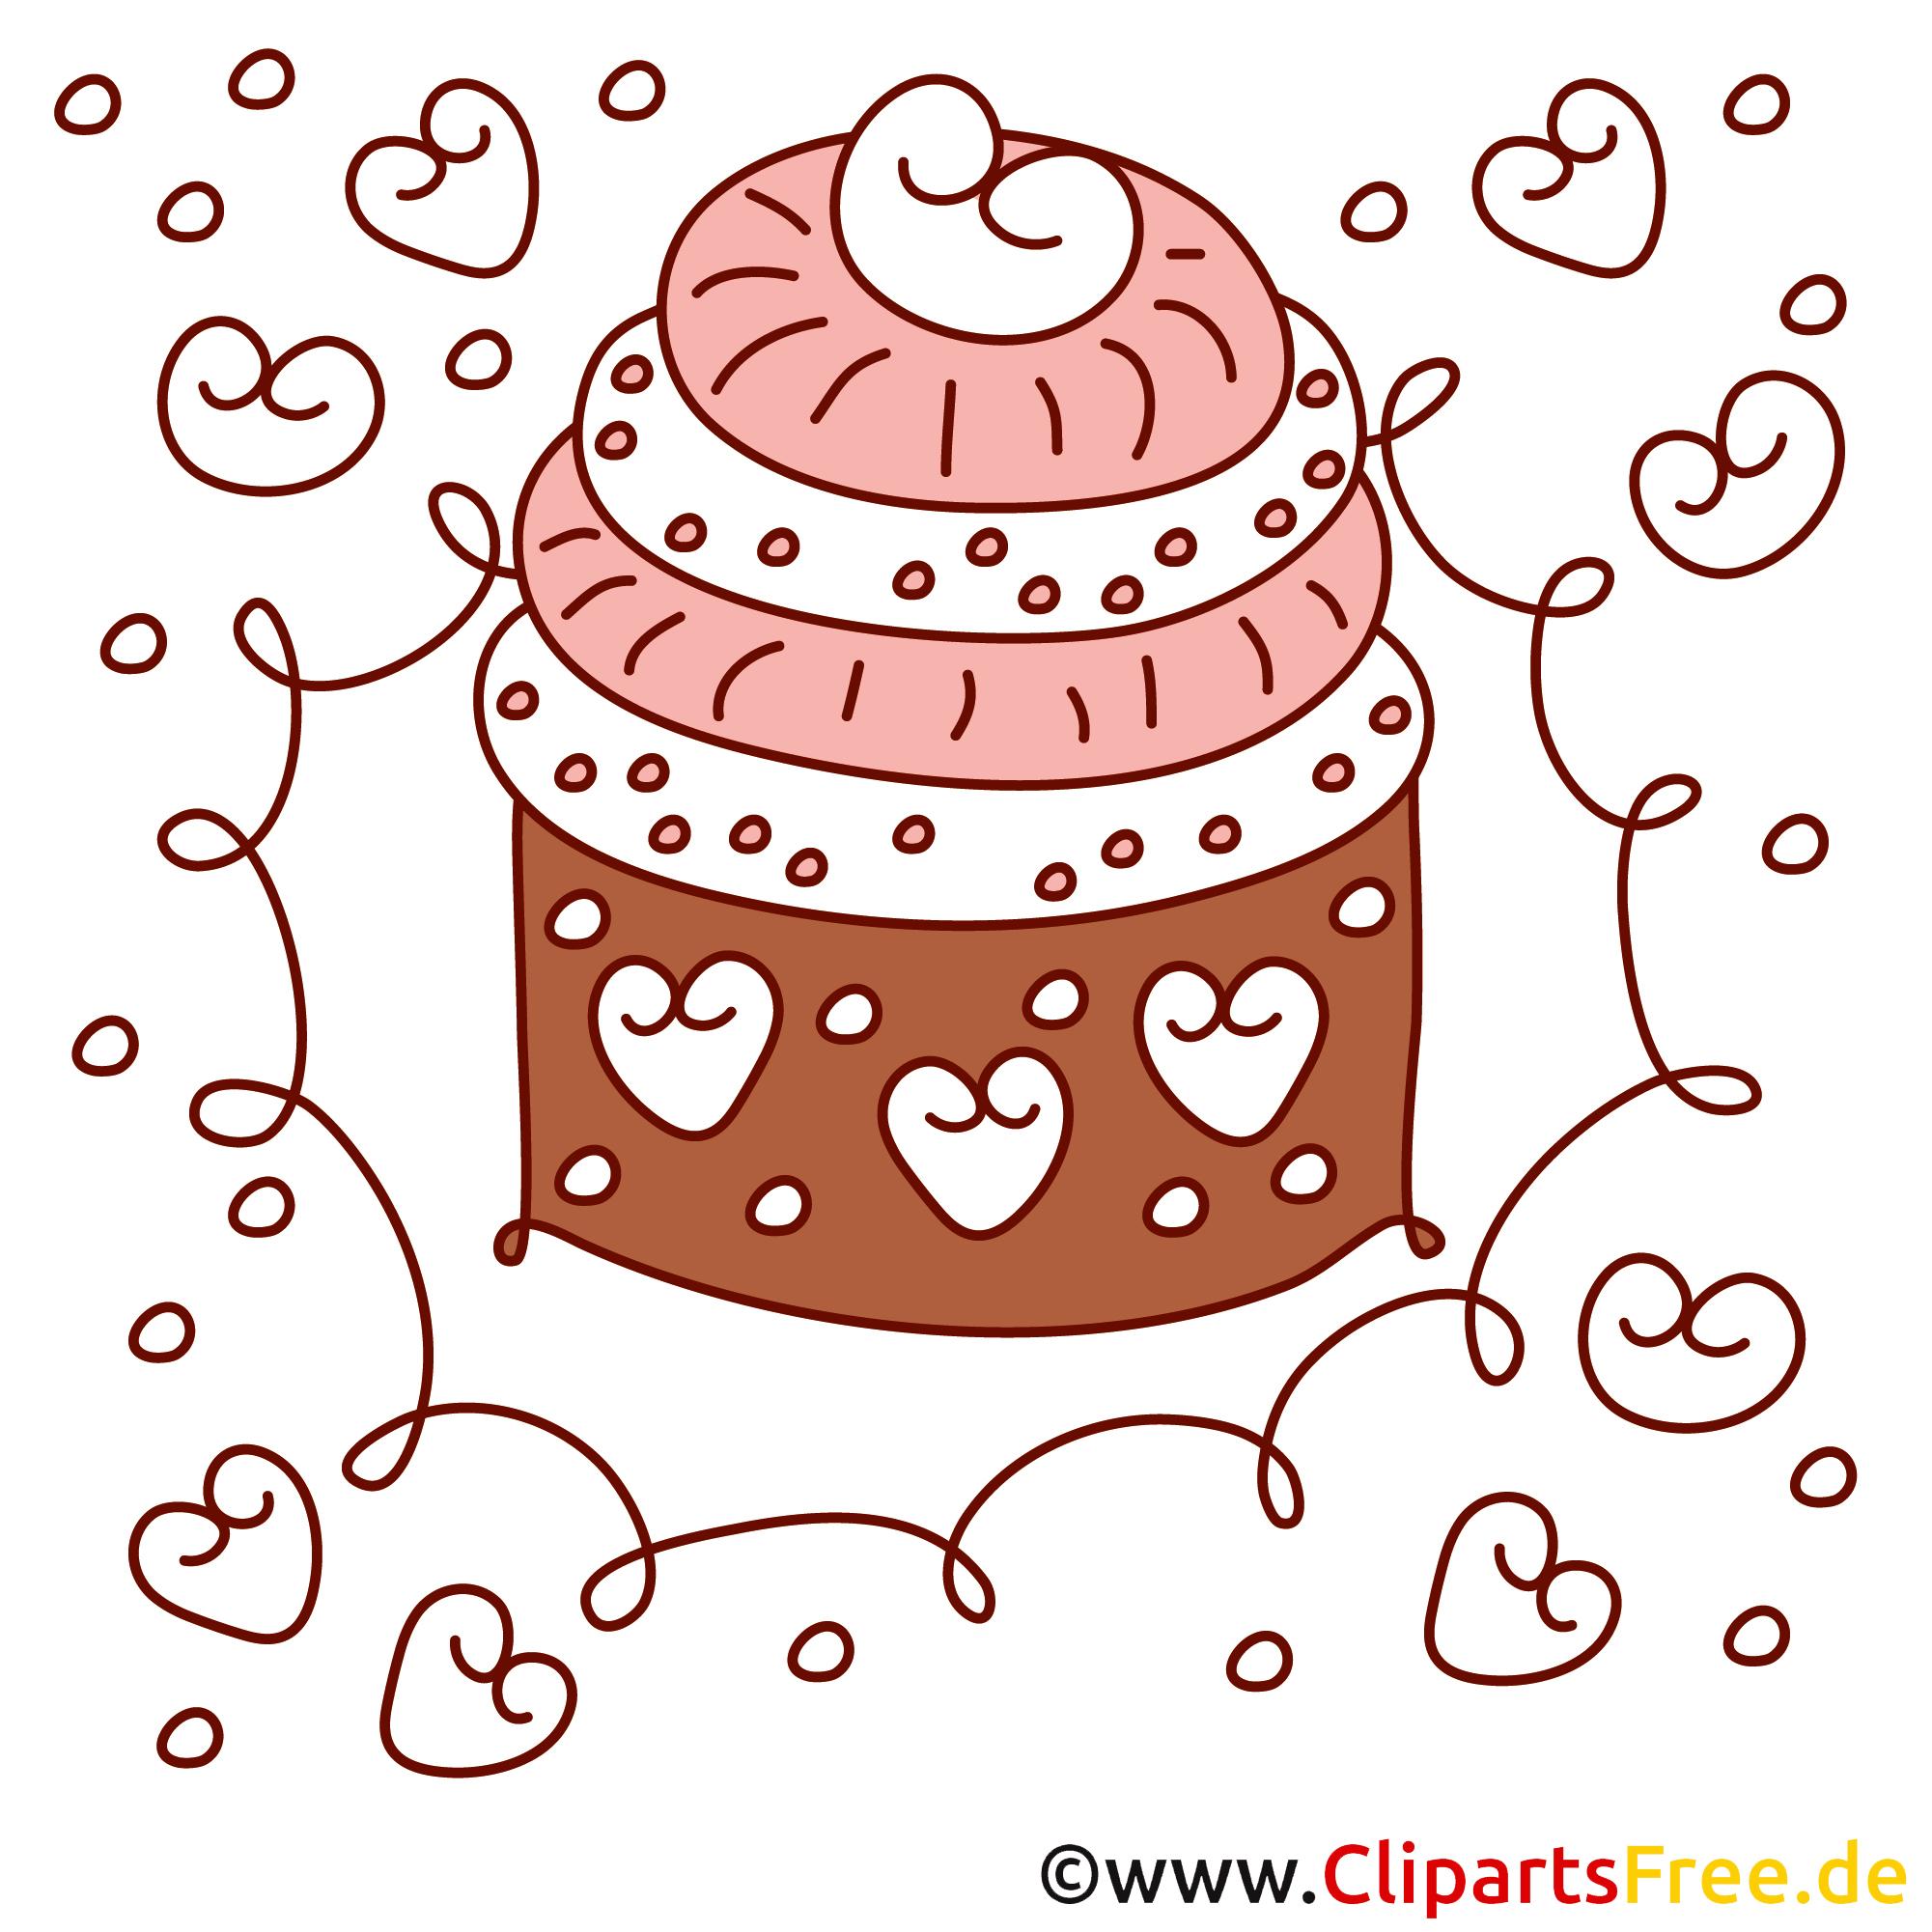 Bilder Kuchen Schwarz Weiss Kuchen Cartoon Clipart Free